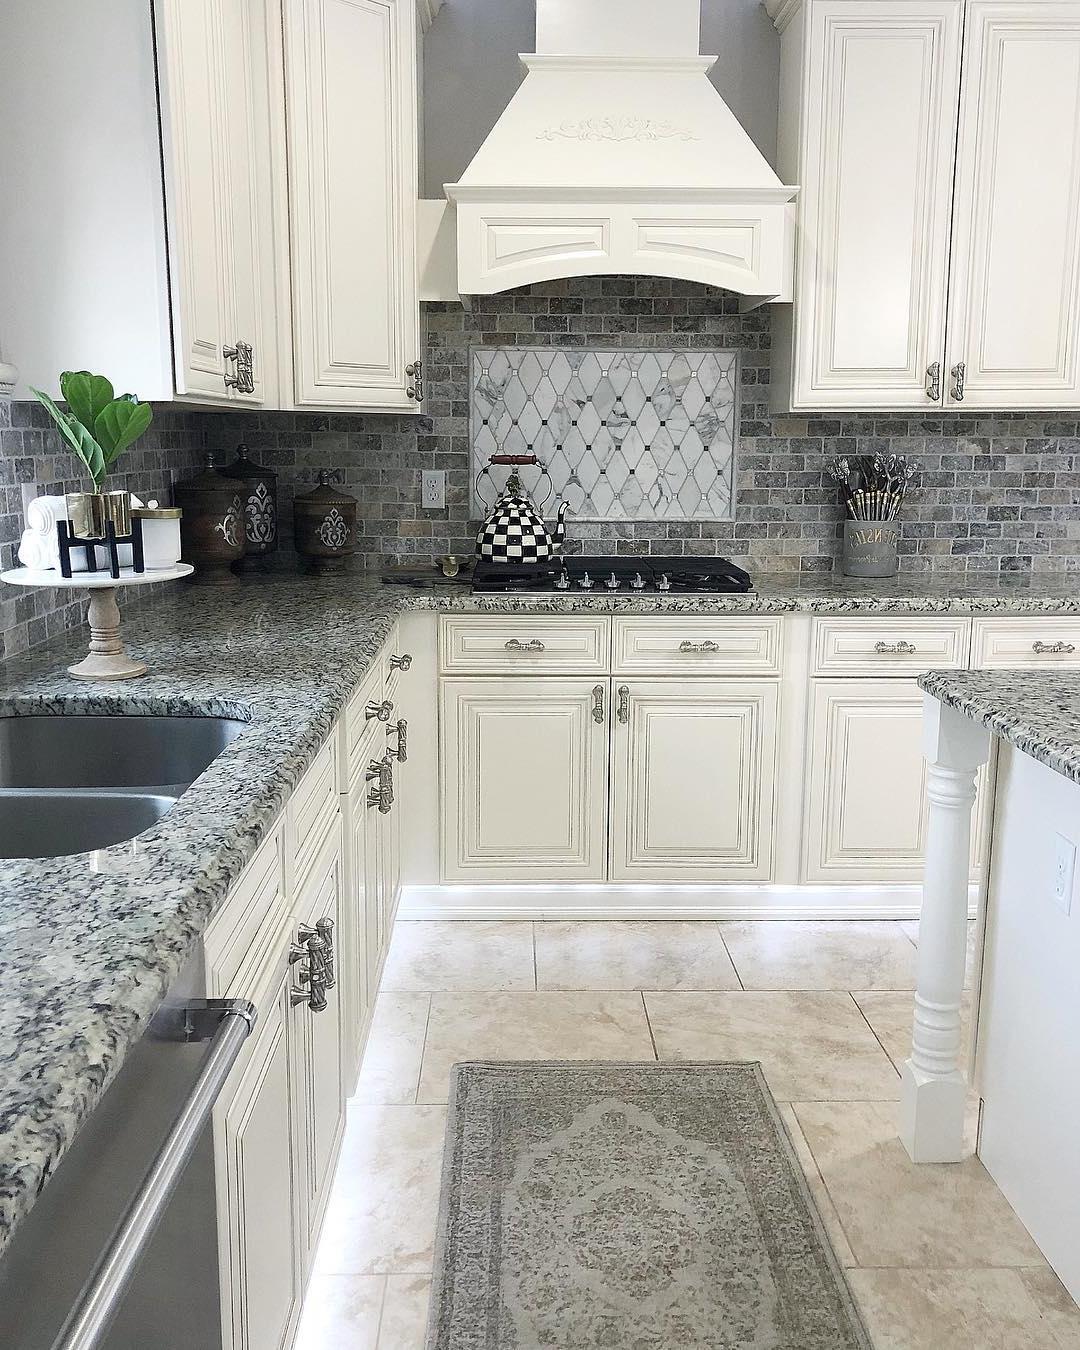 Plan de cuisine blanc et pierre grise